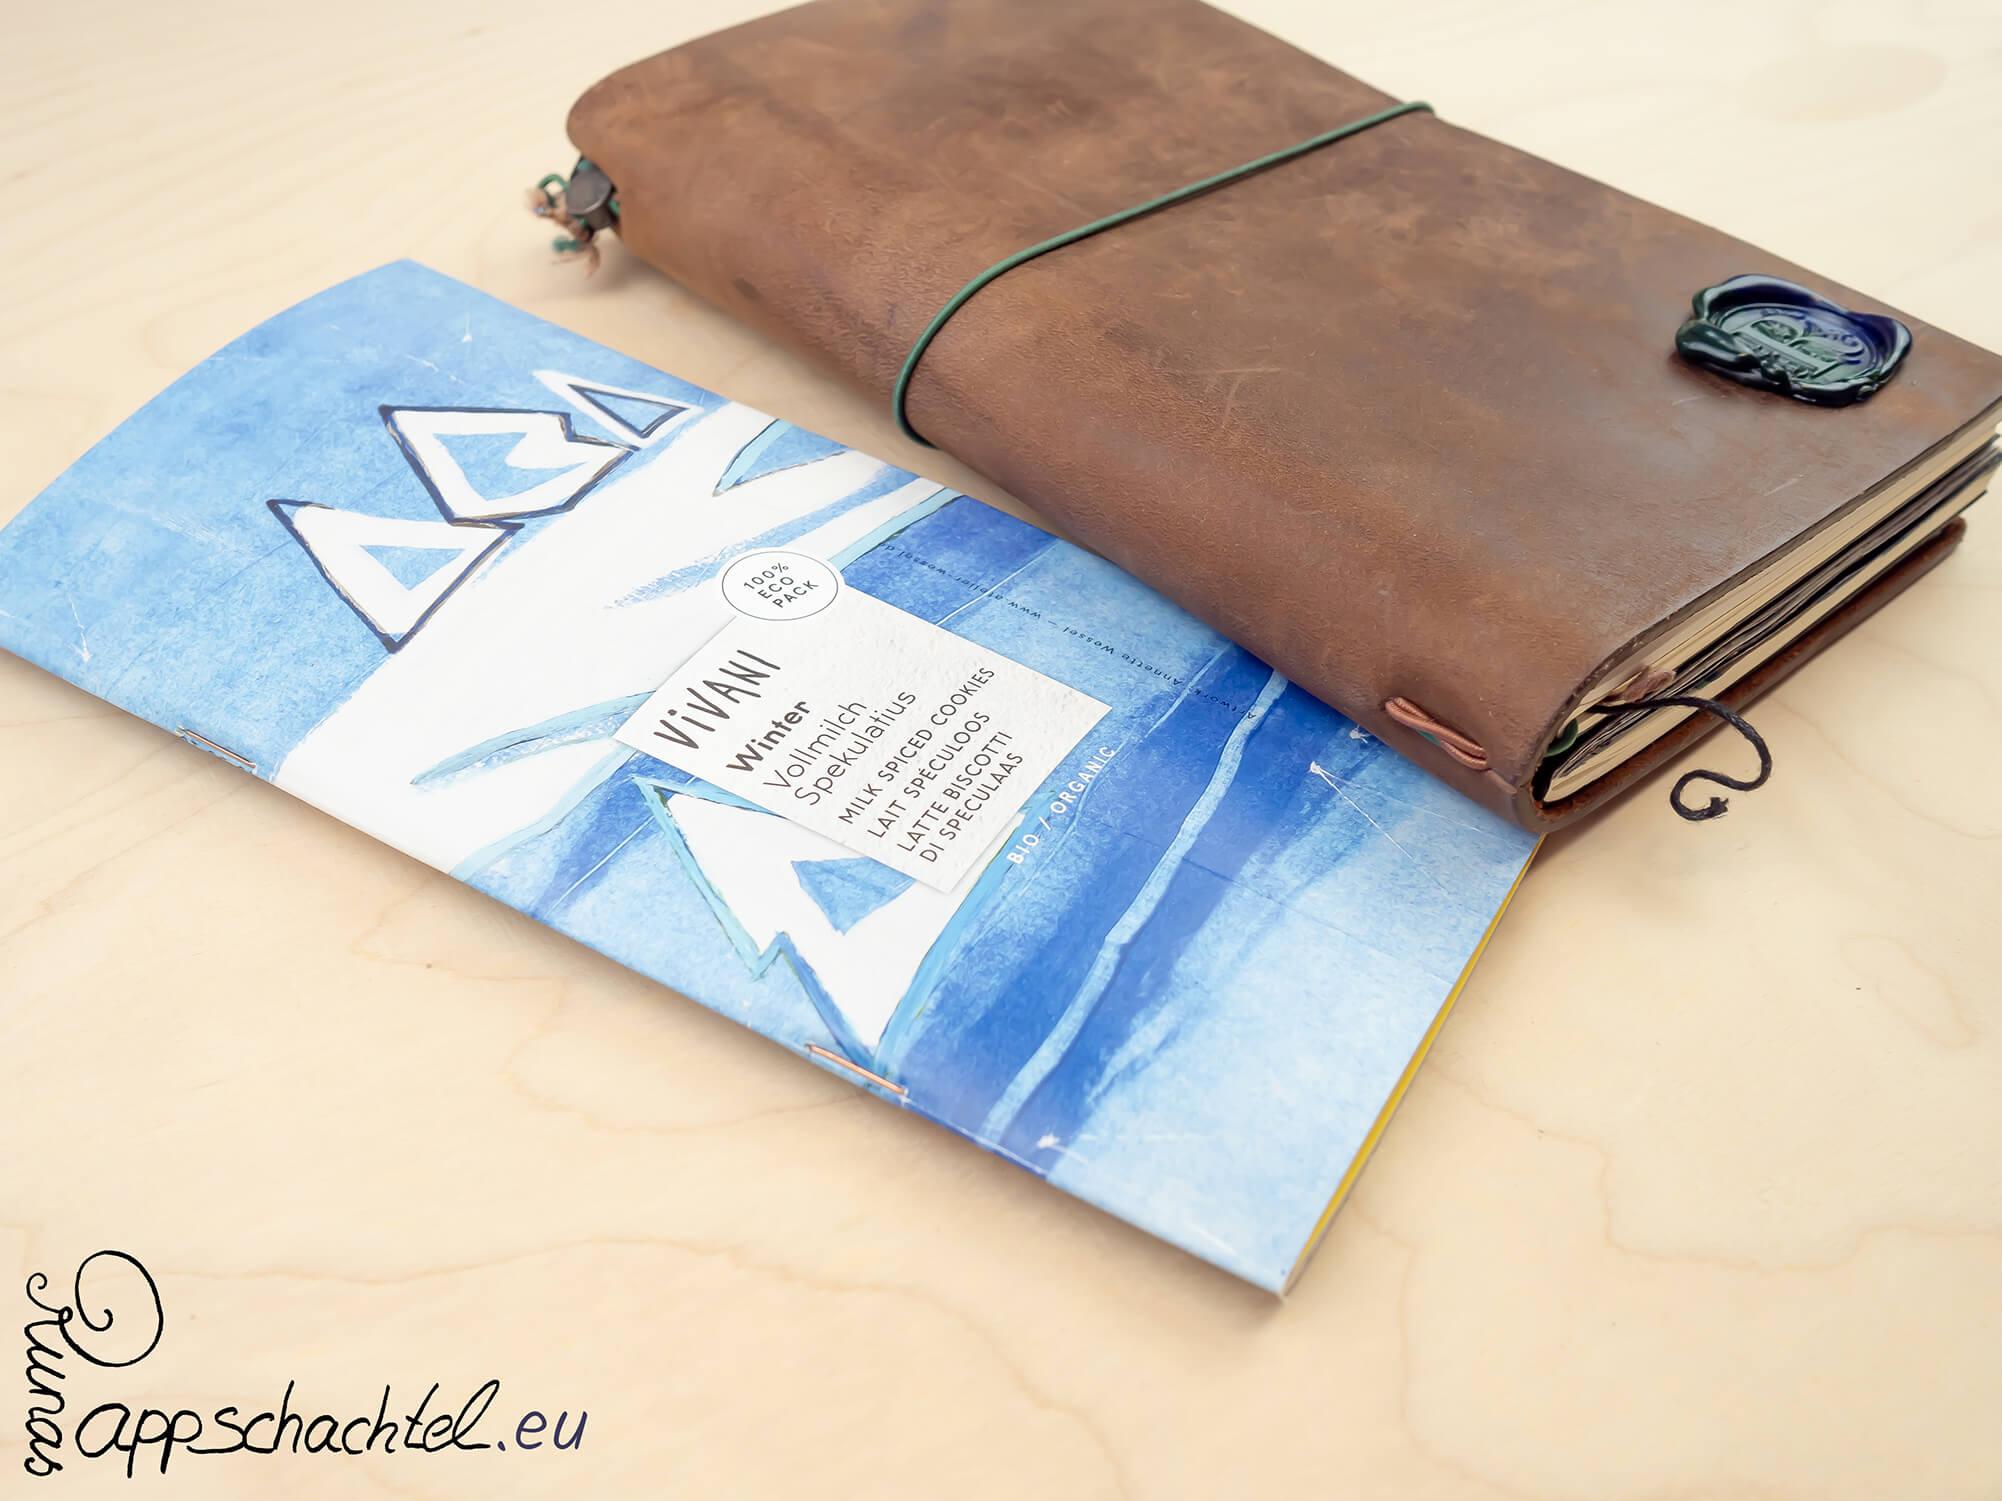 Klicke hier, um eine bebilderte Anleitung zu erhalten, um Deine eigenen DIY Travelers Notebook Insterts selbst basteln zu können. Natürlich kannst Du mit dieser Heftmehtode auch ein normales Notizheft oder auch ein Notizbuch zu binden. Selber machen: Notizbücher selber binden und heften- Komplette DIY Anleitung für Kinder, Anfänger und alle Anderen, die Notizbücher lieben und gerne selbst basteln. Dazu bekommst Du noch meine Tipps als kreative Inspiration. Alles auf pappschachtel.eu #Buchbinden #DIY #Upcycling #junkjournal #mixedmedia #artjournal #journal #craft #diy #howto #Anleitung